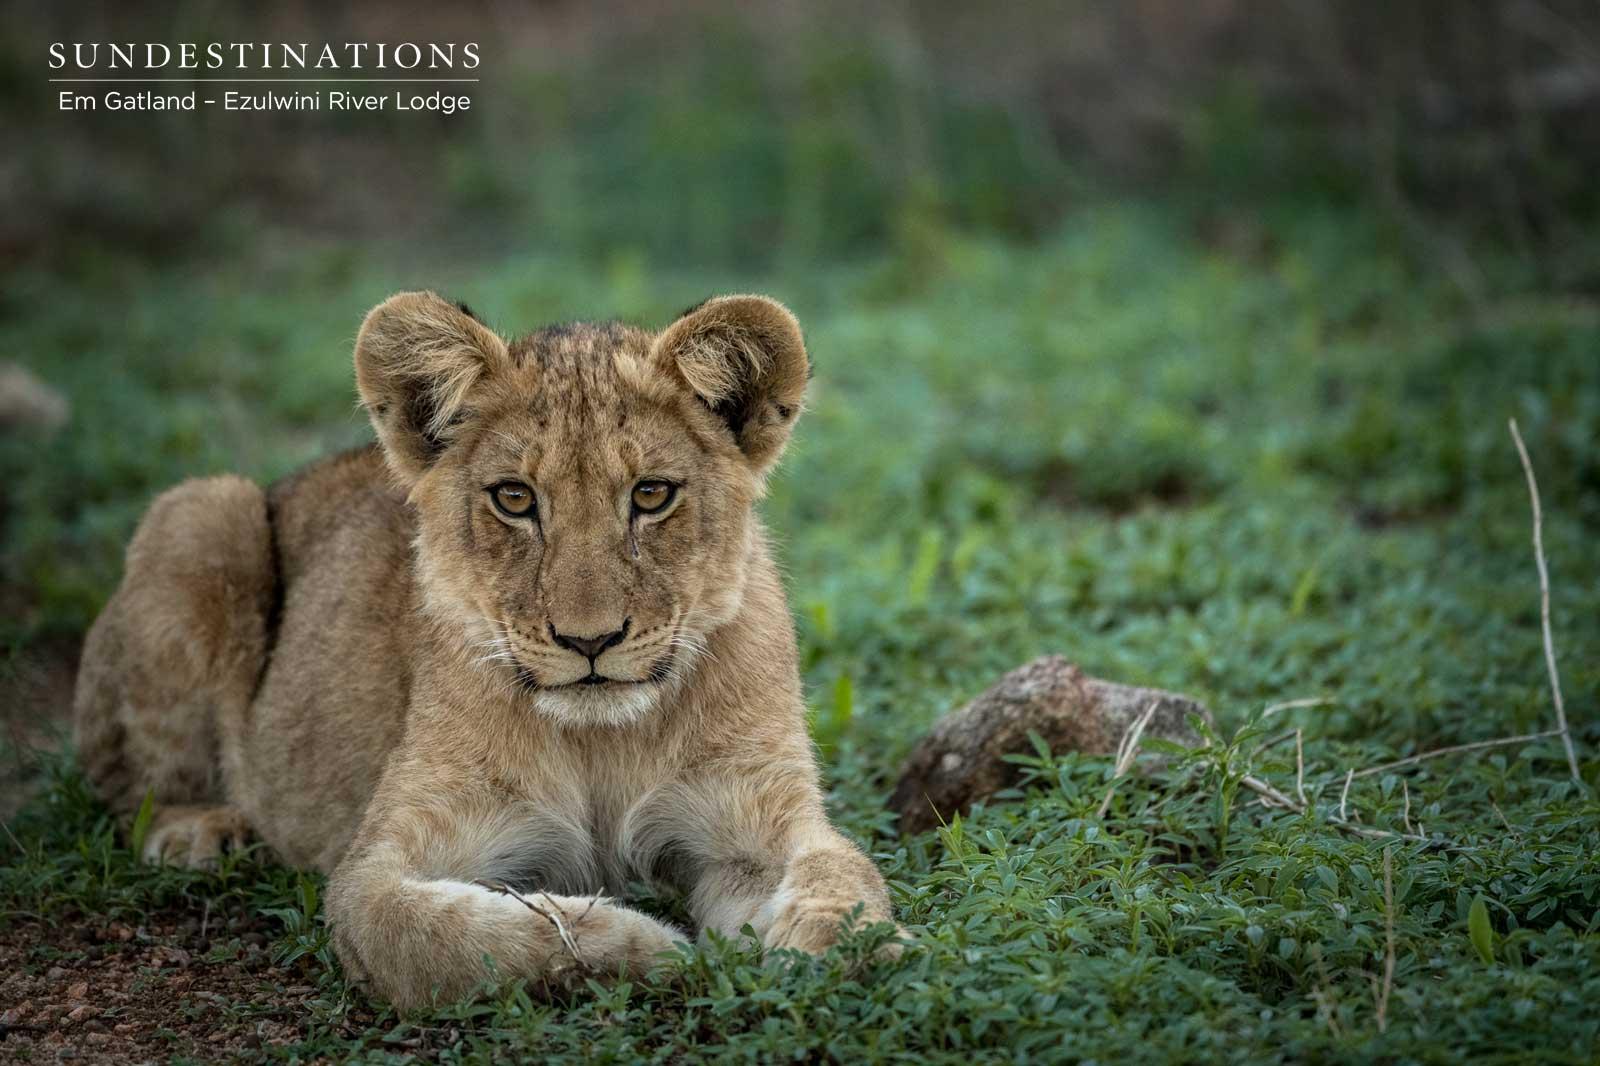 Ezulwini Lion Cubs in Balule